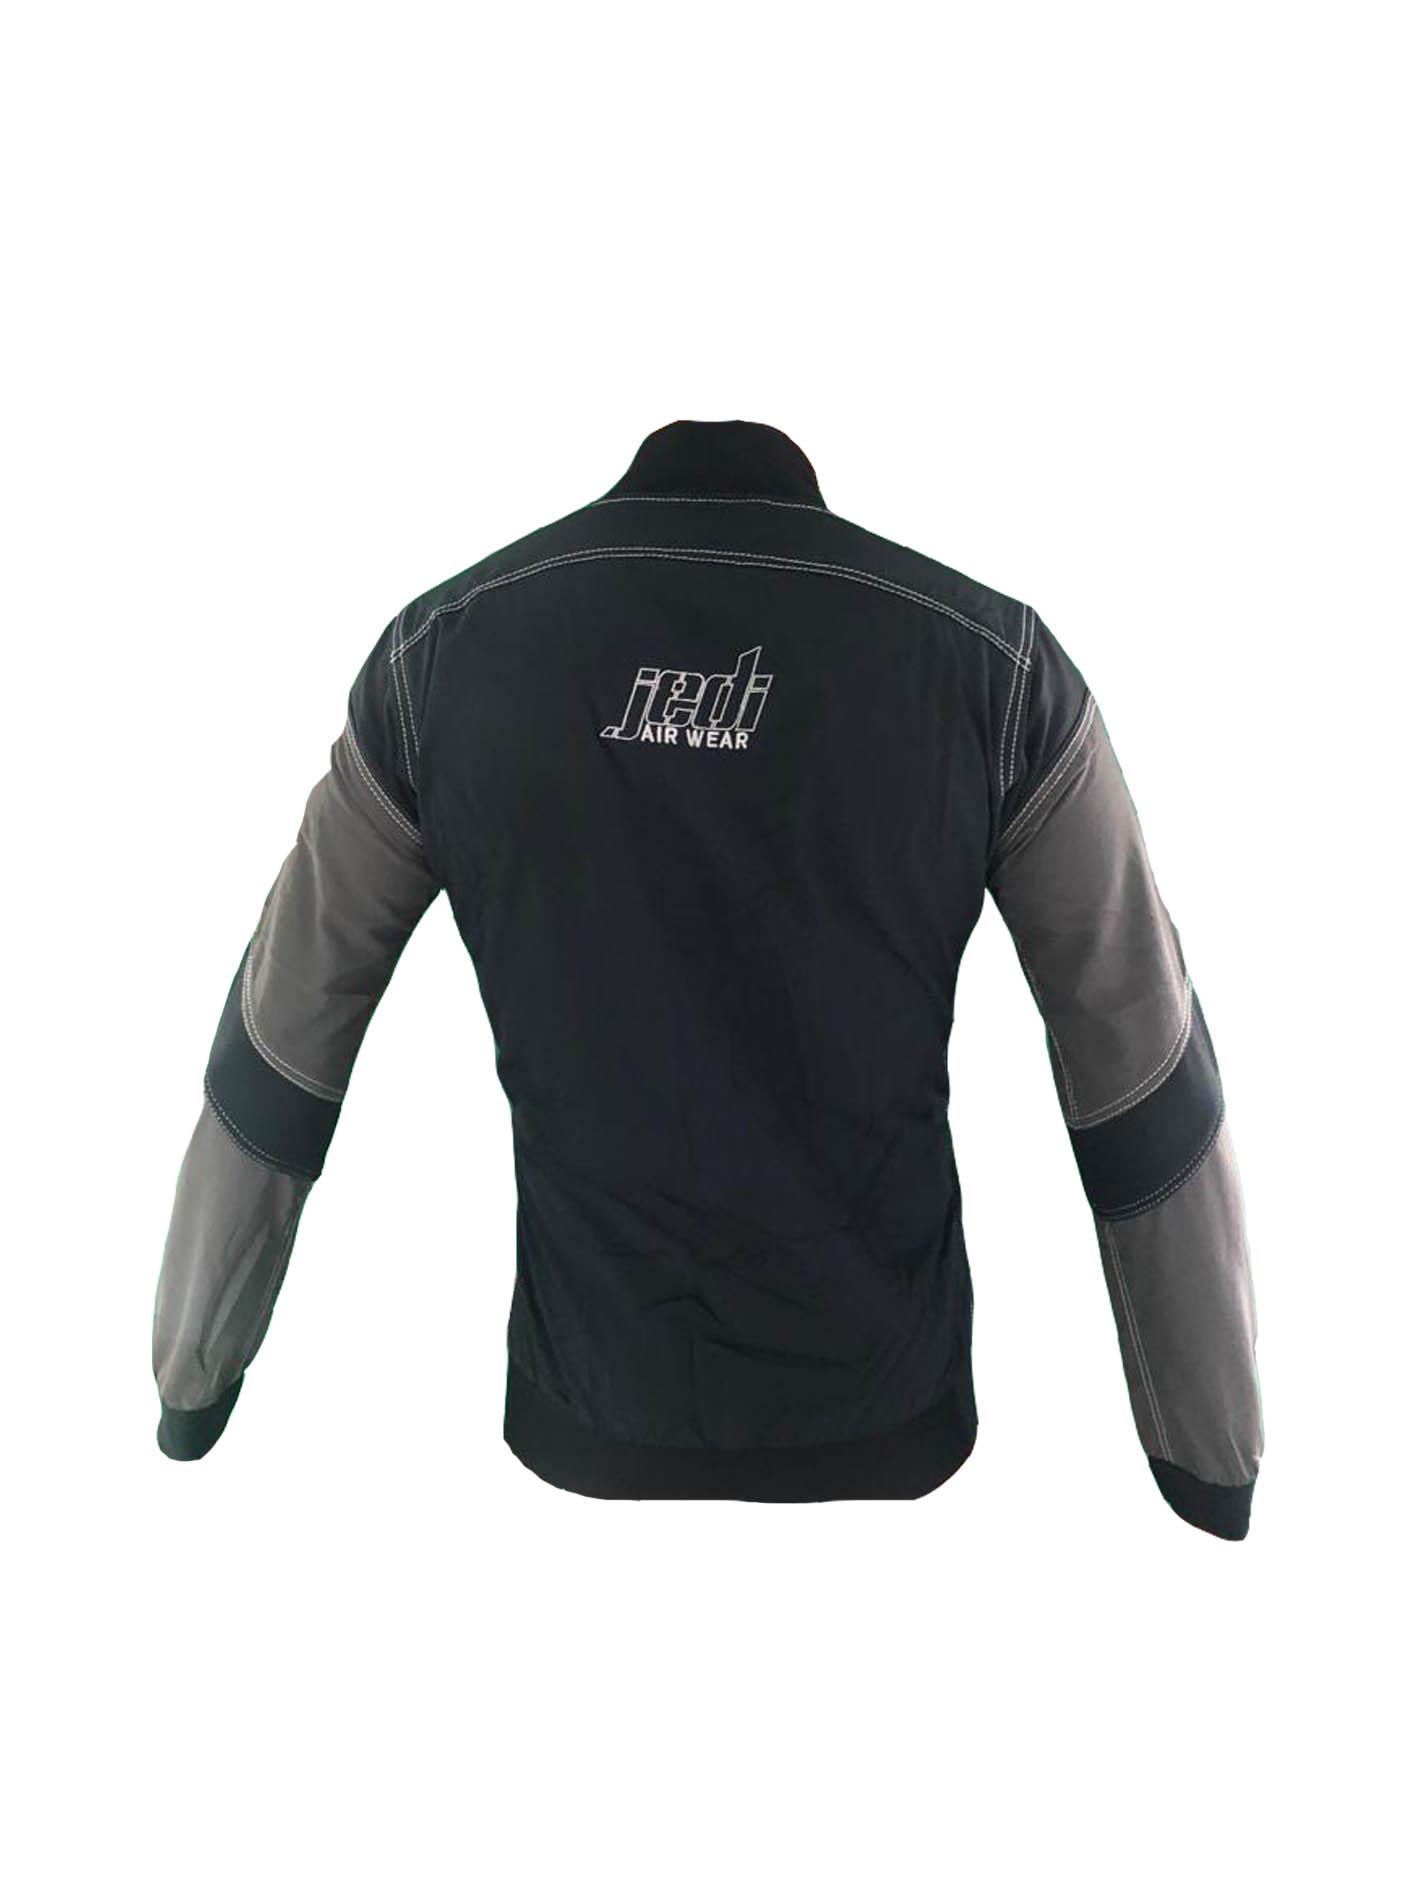 skydiving jacket